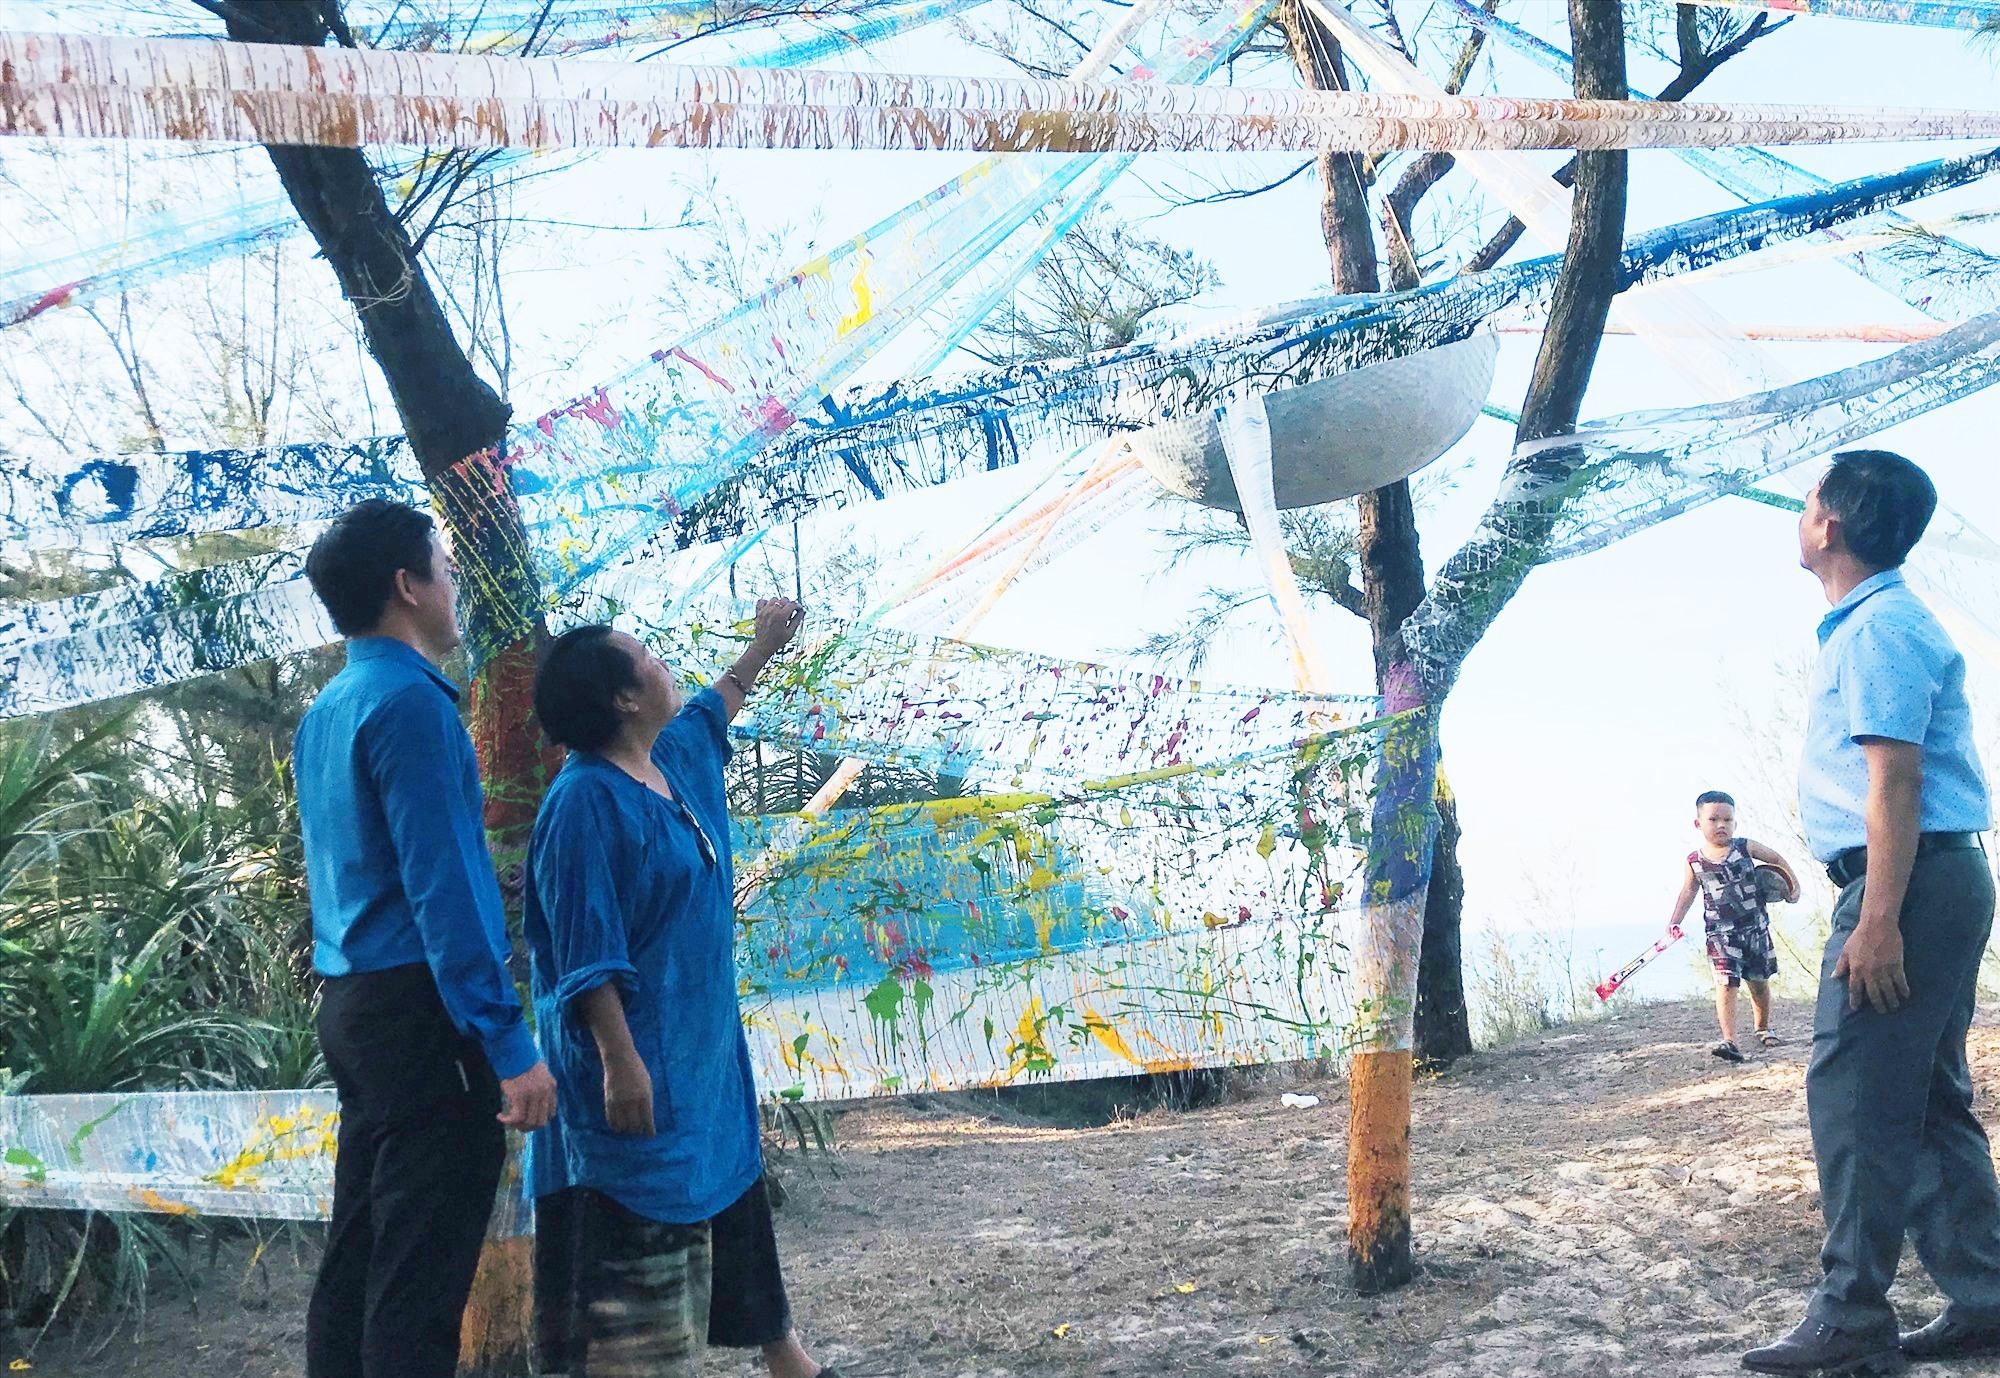 """Họa sĩ Trần Thị Thu (Hà Nội) trao đổi với lãnh đạo xã Tam Thanh về tác phẩm """"ra khơi"""". Ảnh: C.N"""